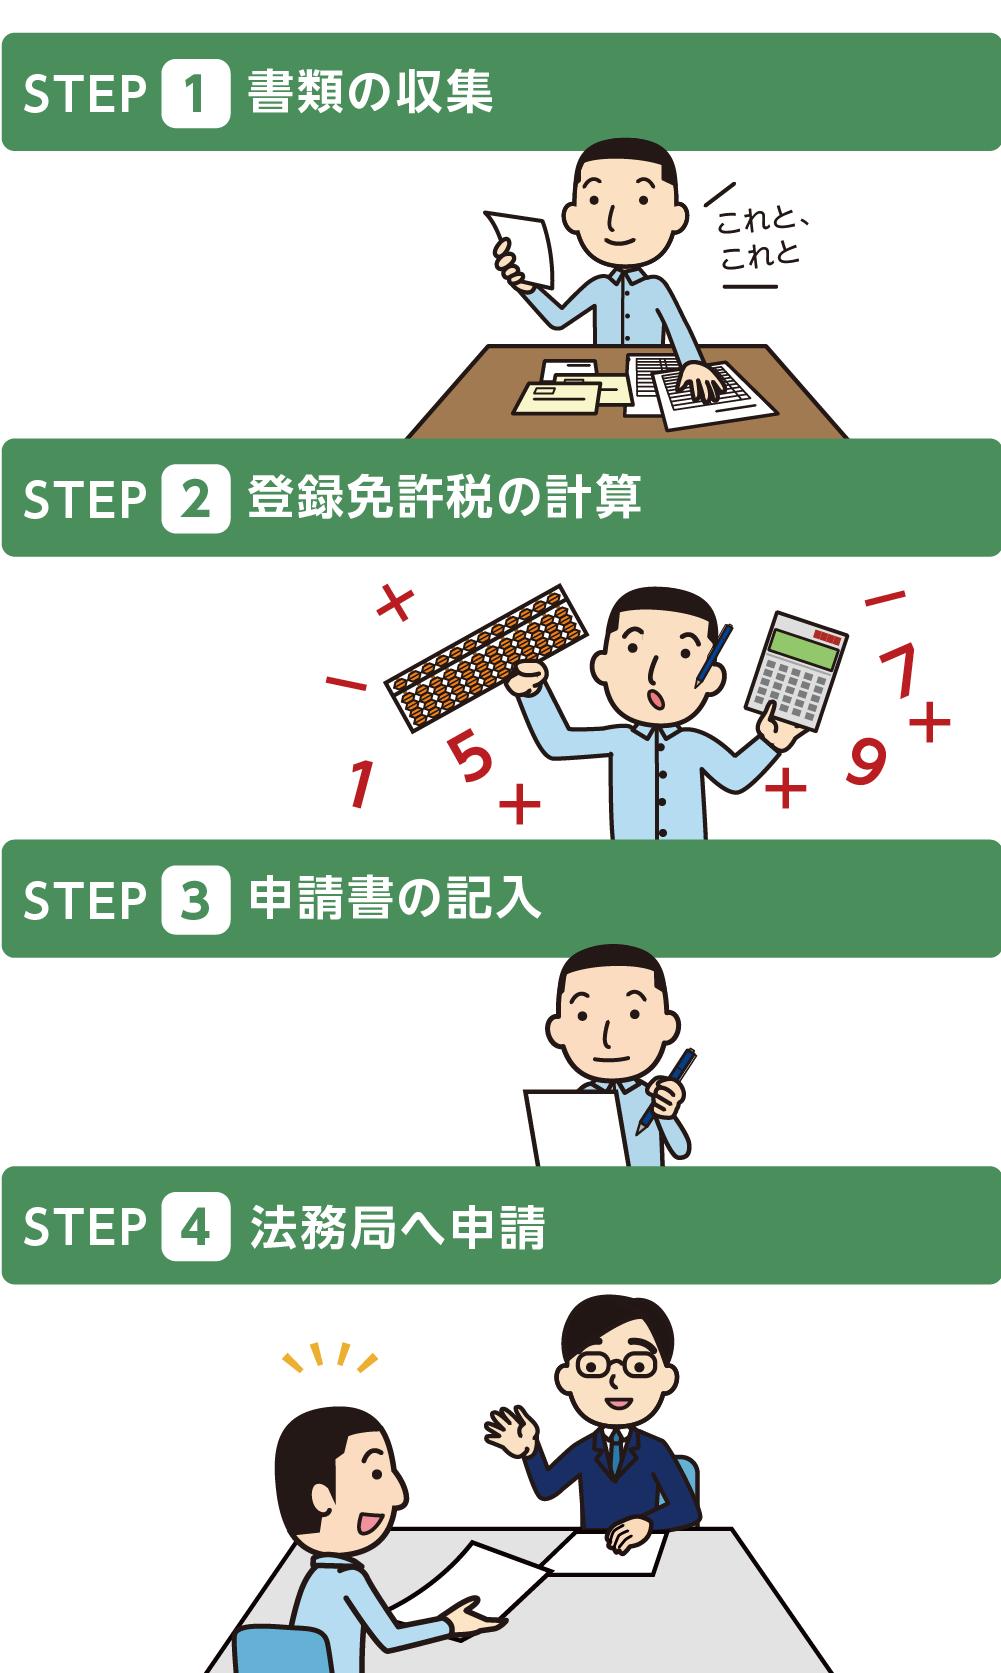 相続登記を自分で行う4つのステップ